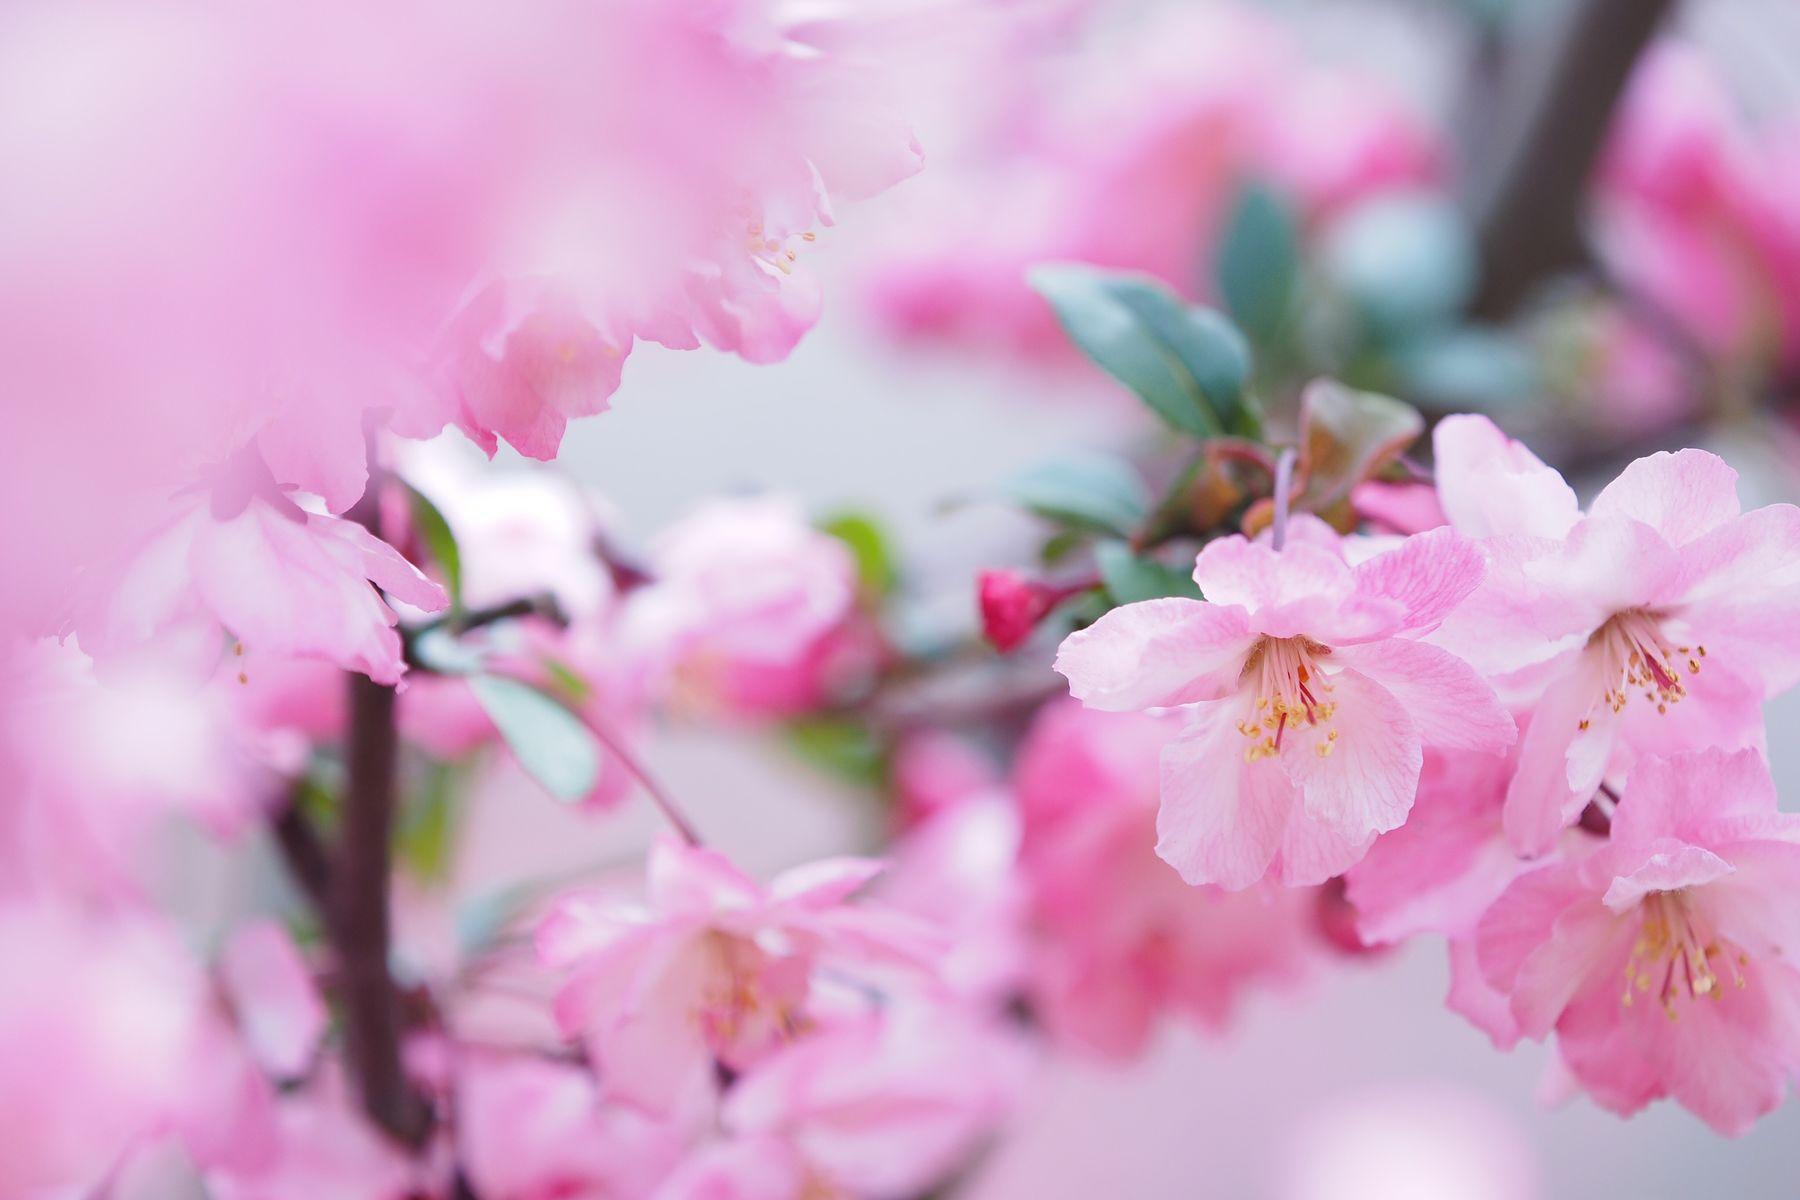 緩く緩く Flower Pink Color Fragility Beauty In Nature Petal Nature Blossom Growth Springtime Freshness Flower Head Close-up No People Day Outdoors Branch Tree EyeEmNewHere EyeEm Best Shots EyeEm Nature Lover Focus On Foreground ハナカイドウ 花海棠 Olympus OM-D EM-1 遠ざかっていく。